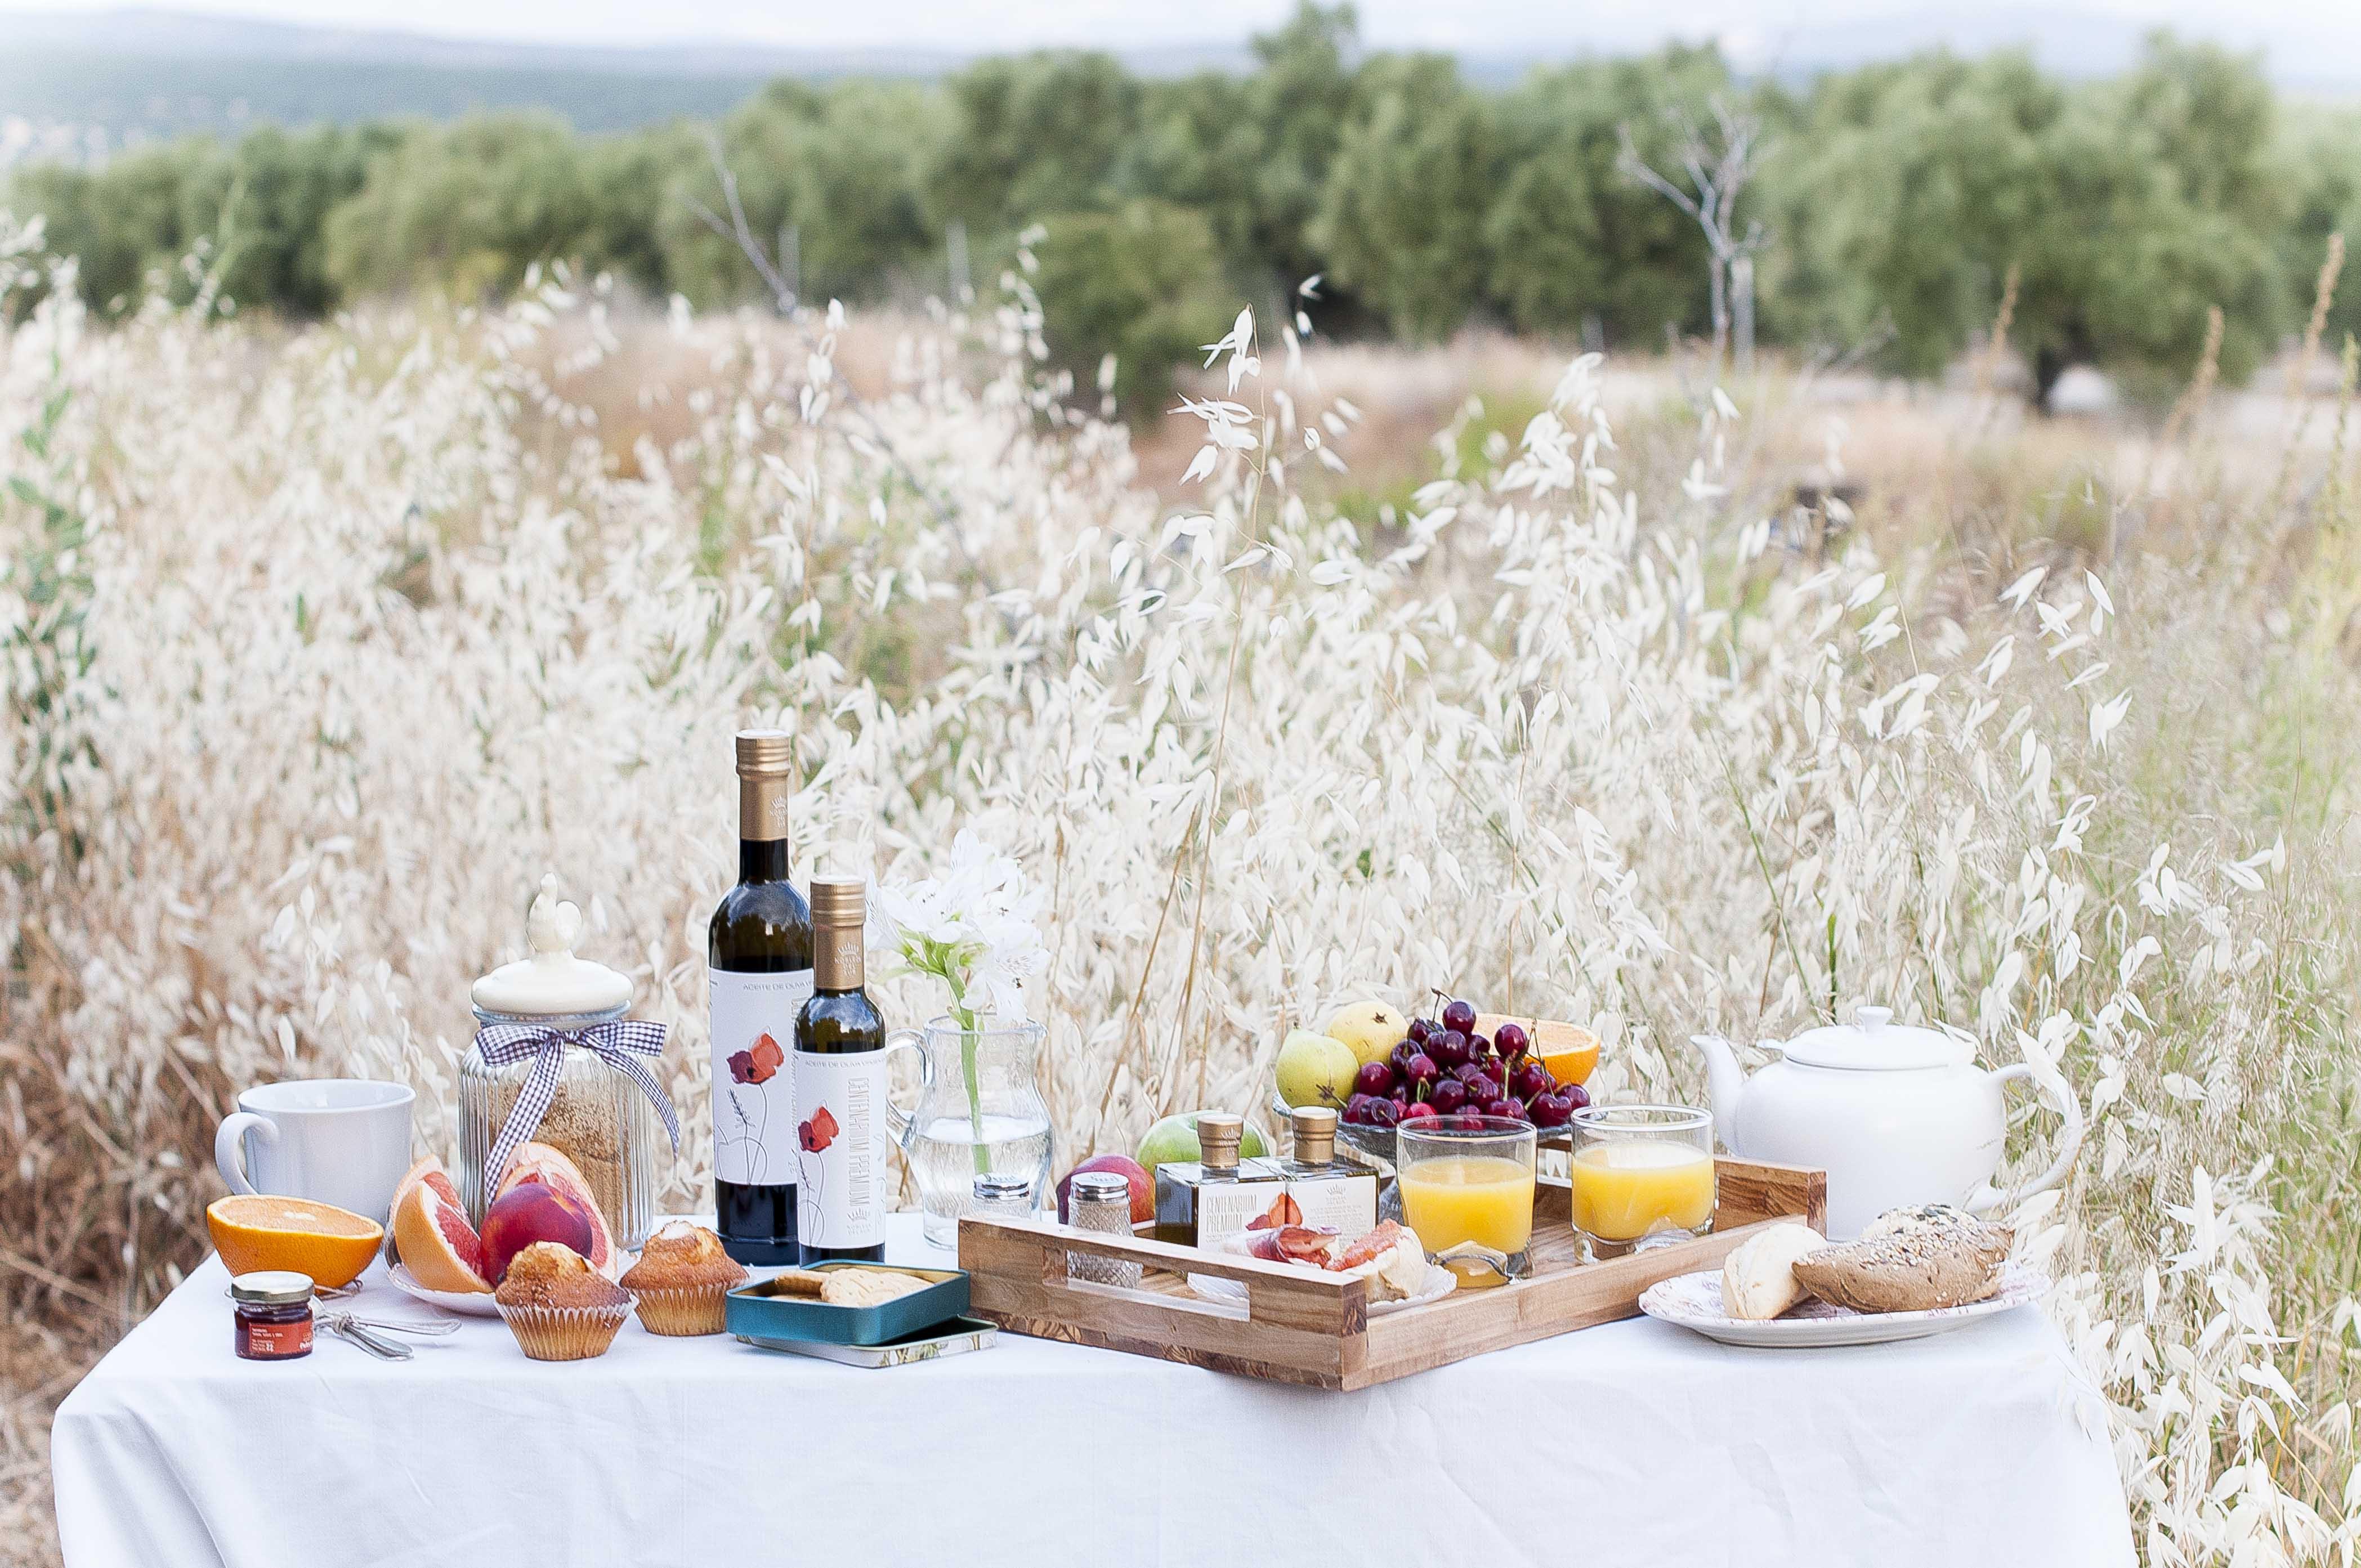 Desayuno saludable con AOVE #aovesaludNS #dietamediterránea